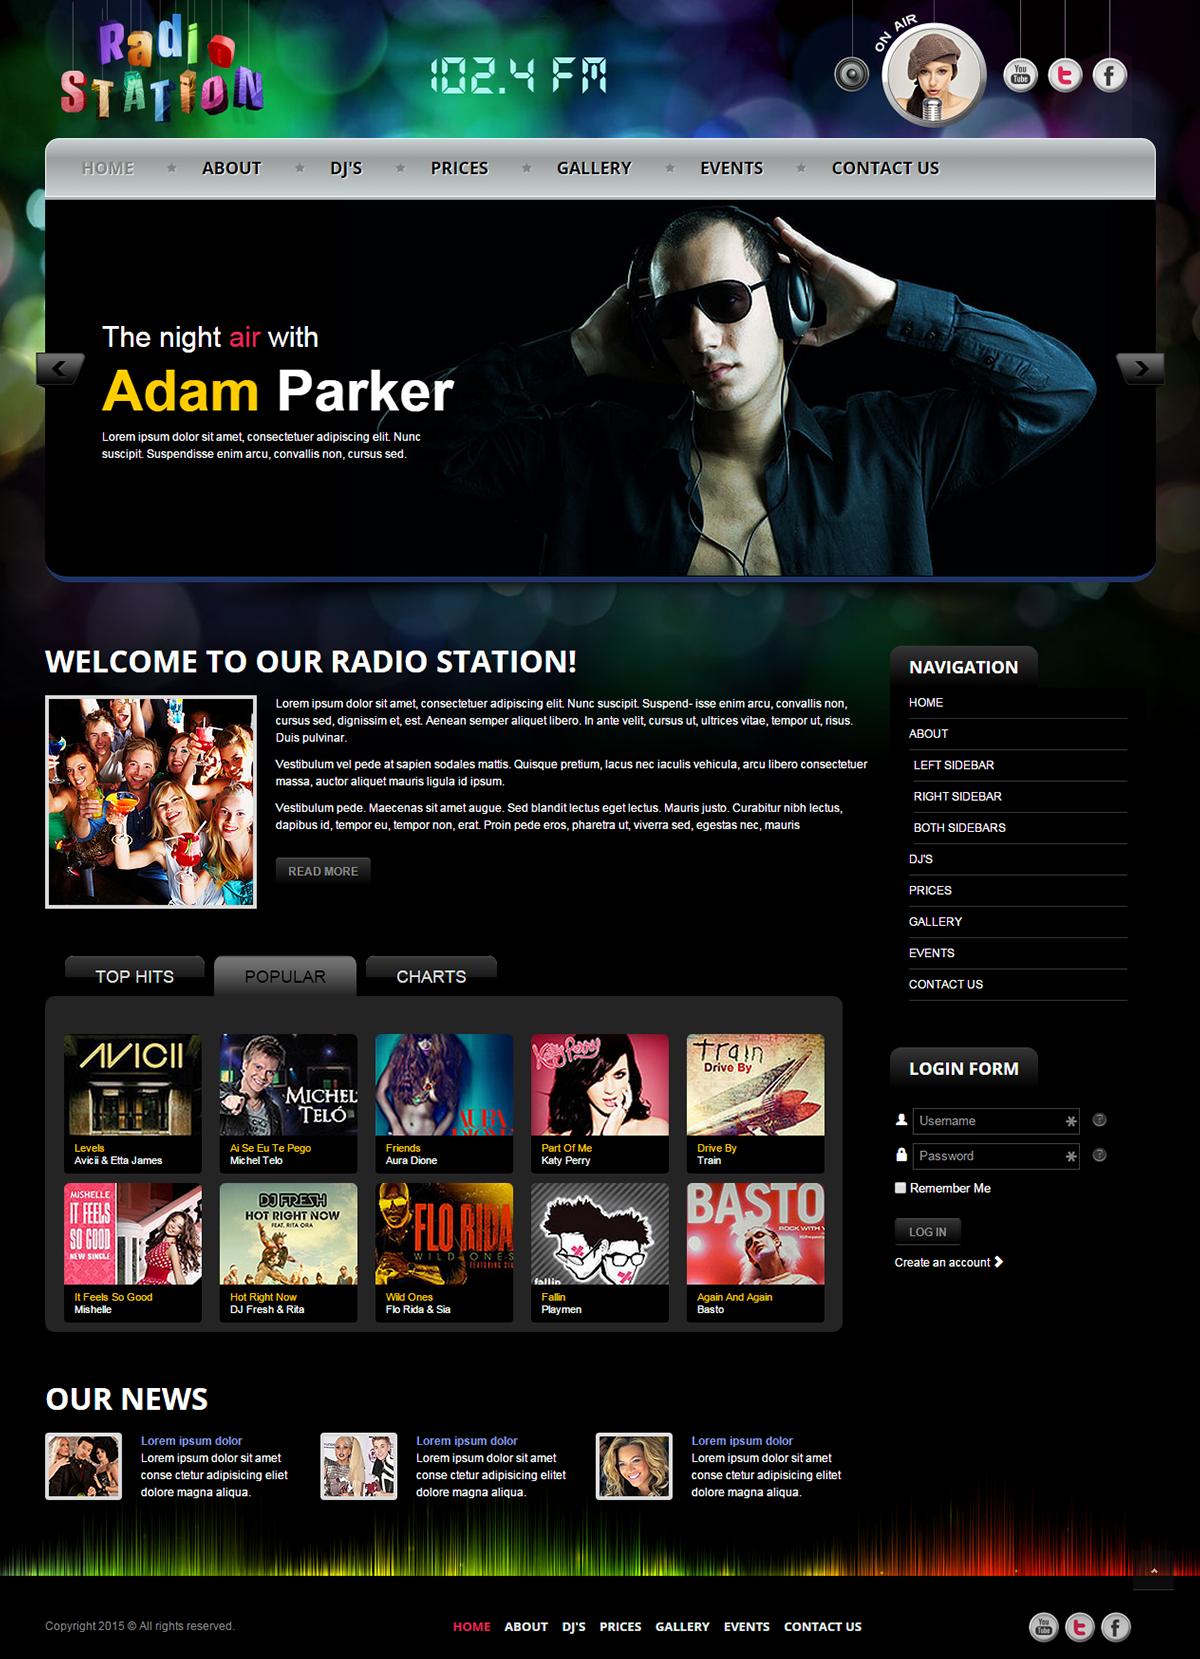 Сайты для создания бесплатного радио римский квадрат ижевск строительная компания официальный сайт